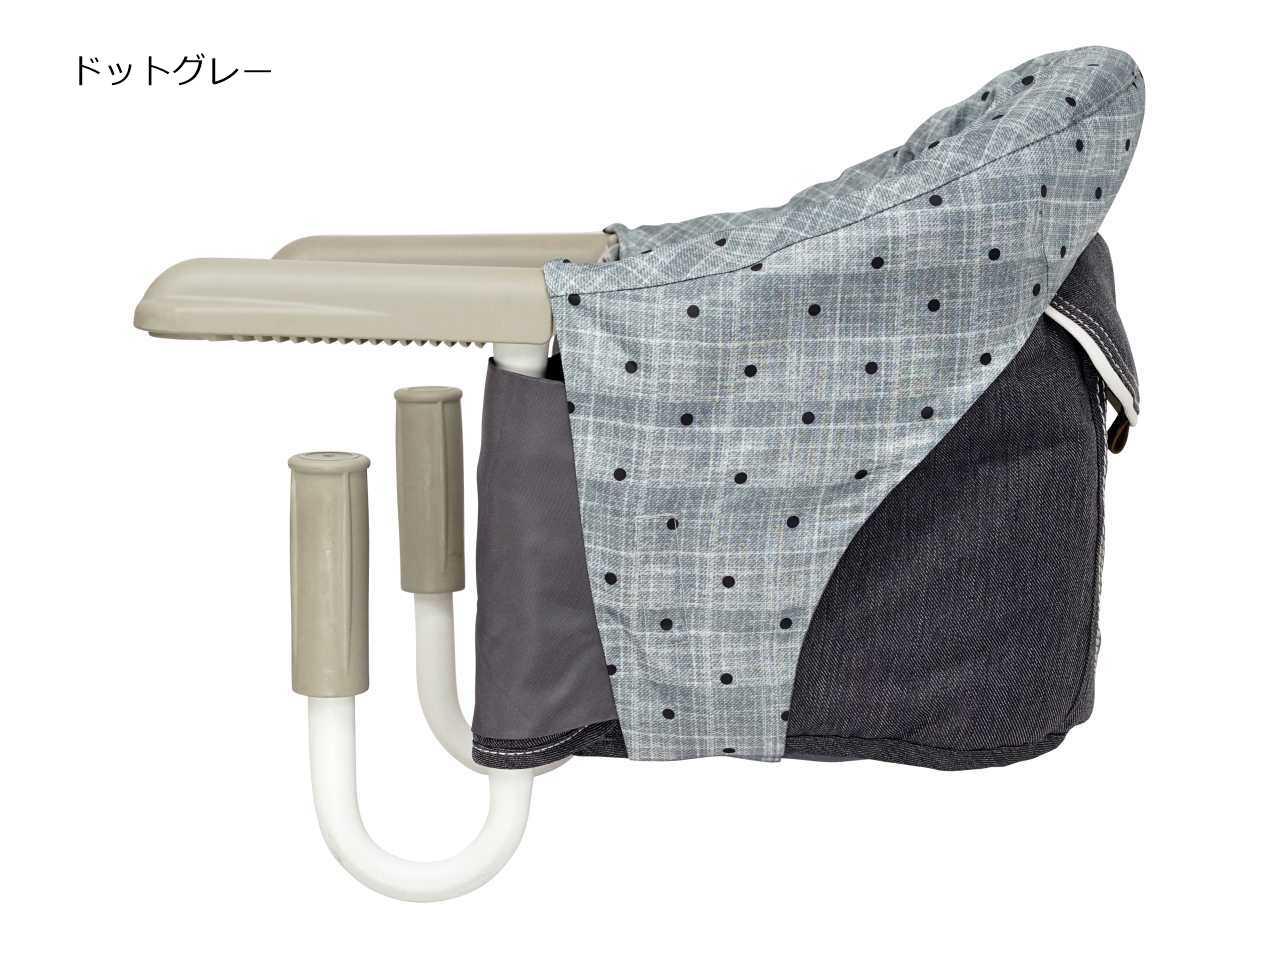 イングリッシーナ テーブルチェア用ビブドレス・フルカバータイプ【最短翌日発送】